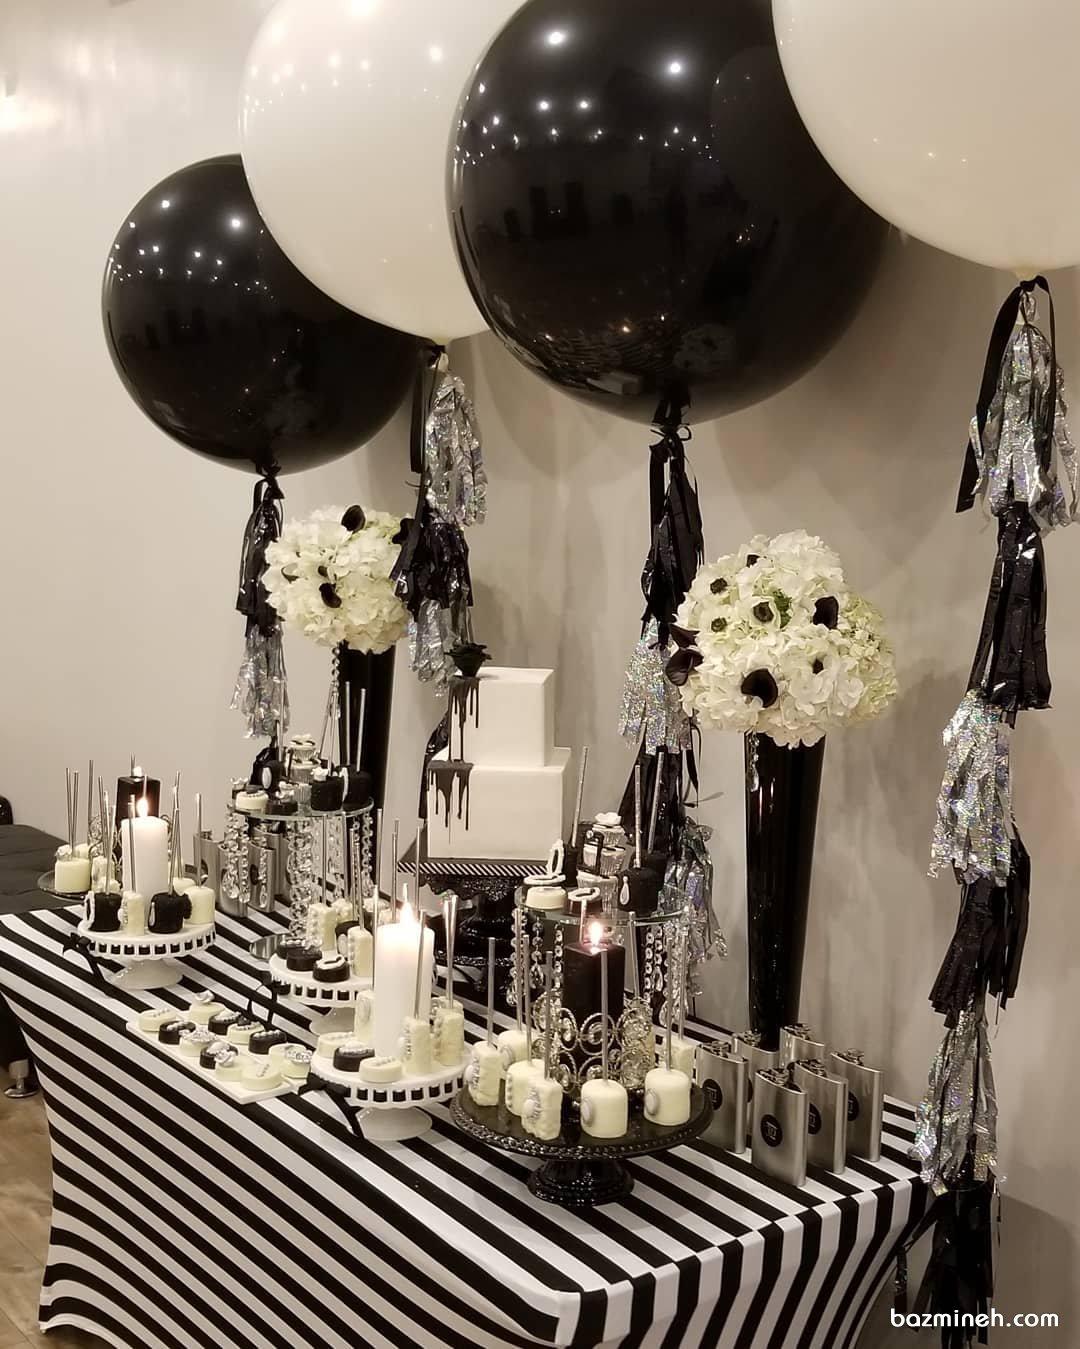 دکوراسیون و بادکنک آرایی شیک جشن تولد یا سالگرد ازدواج با تم سفید مشکی